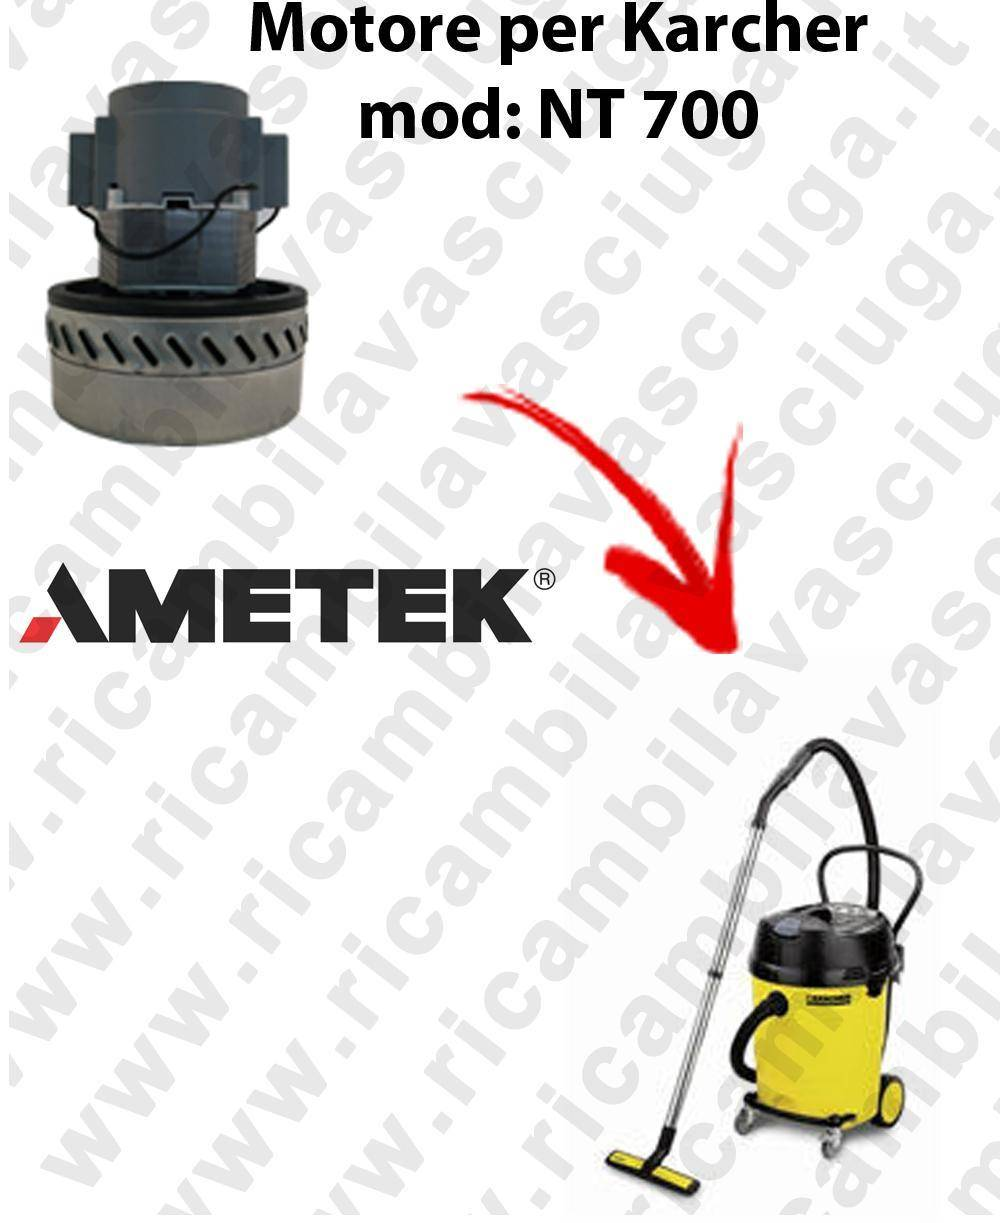 Karcher NT700 MOTORE ASPIRAZIONE AMETEK per aspirapolvere